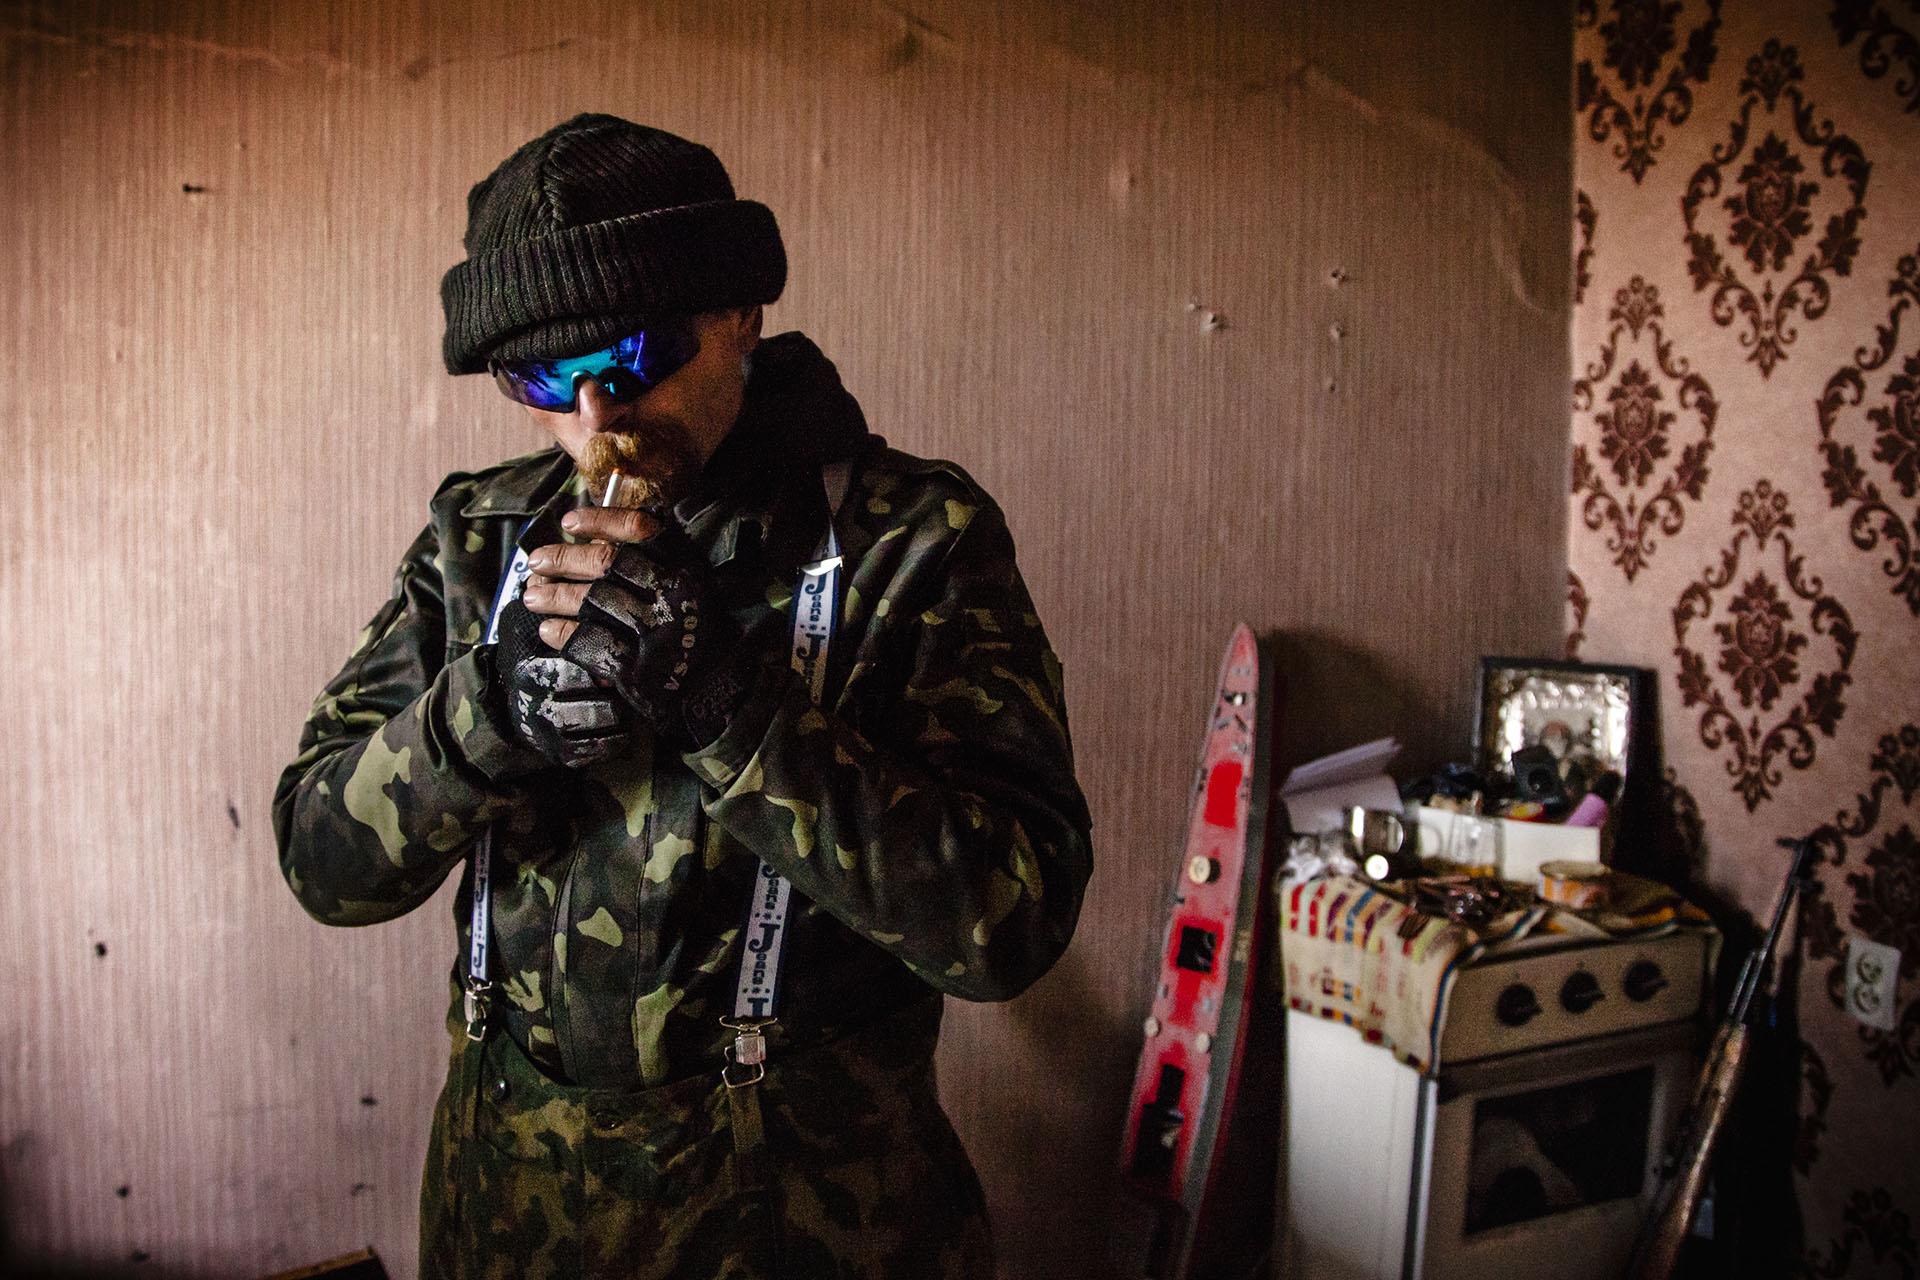 Un soldado separatista enciende un cigarro durante su guardia